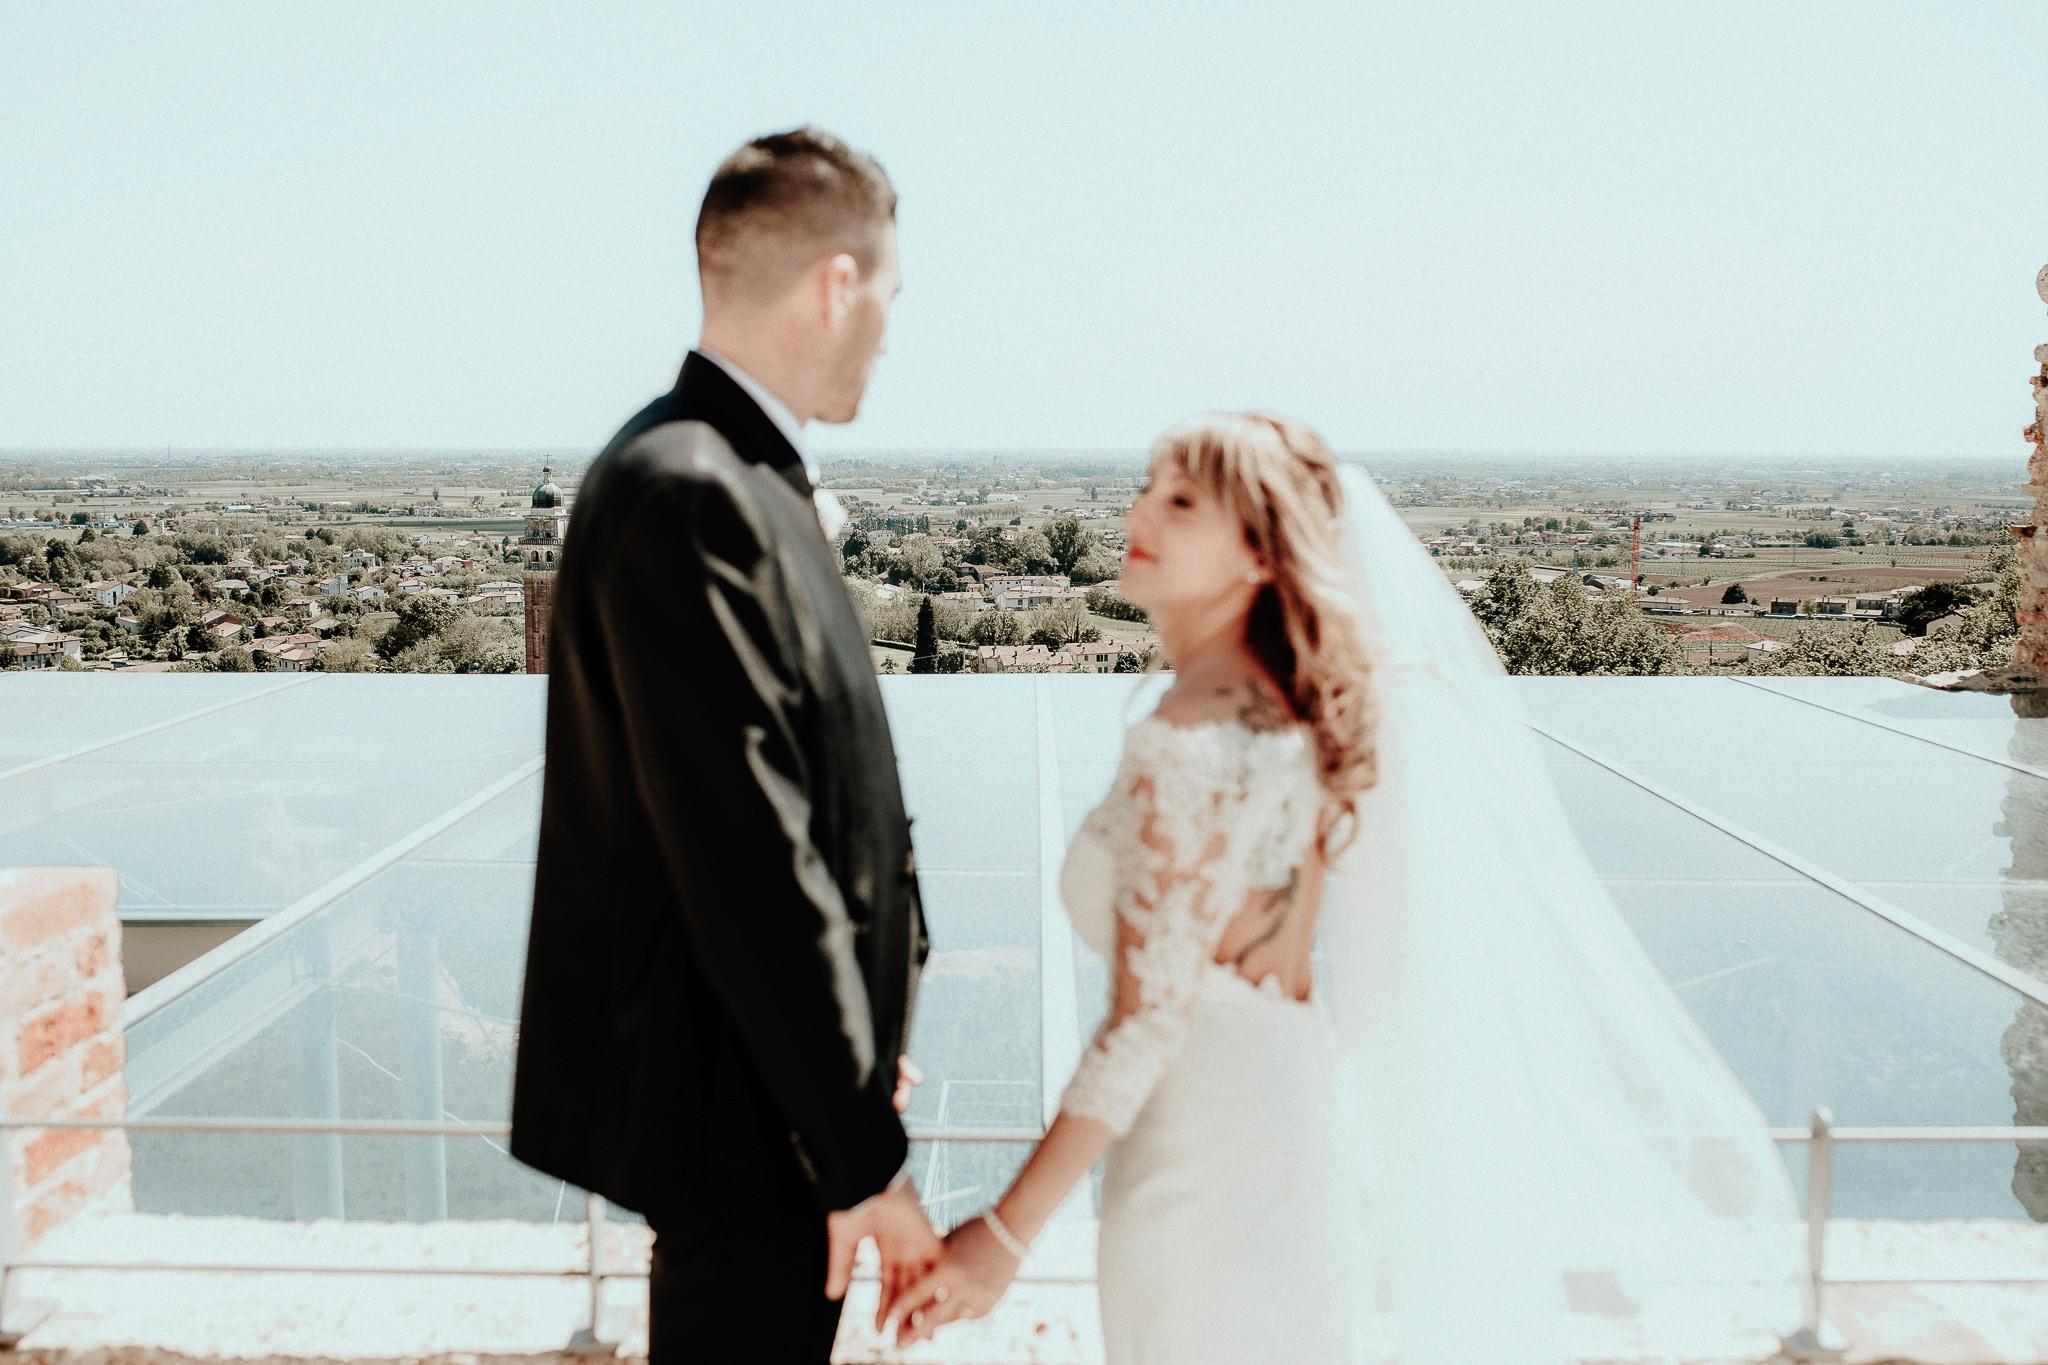 matrimonio_abbazia_sant_eustacchio_ 0009